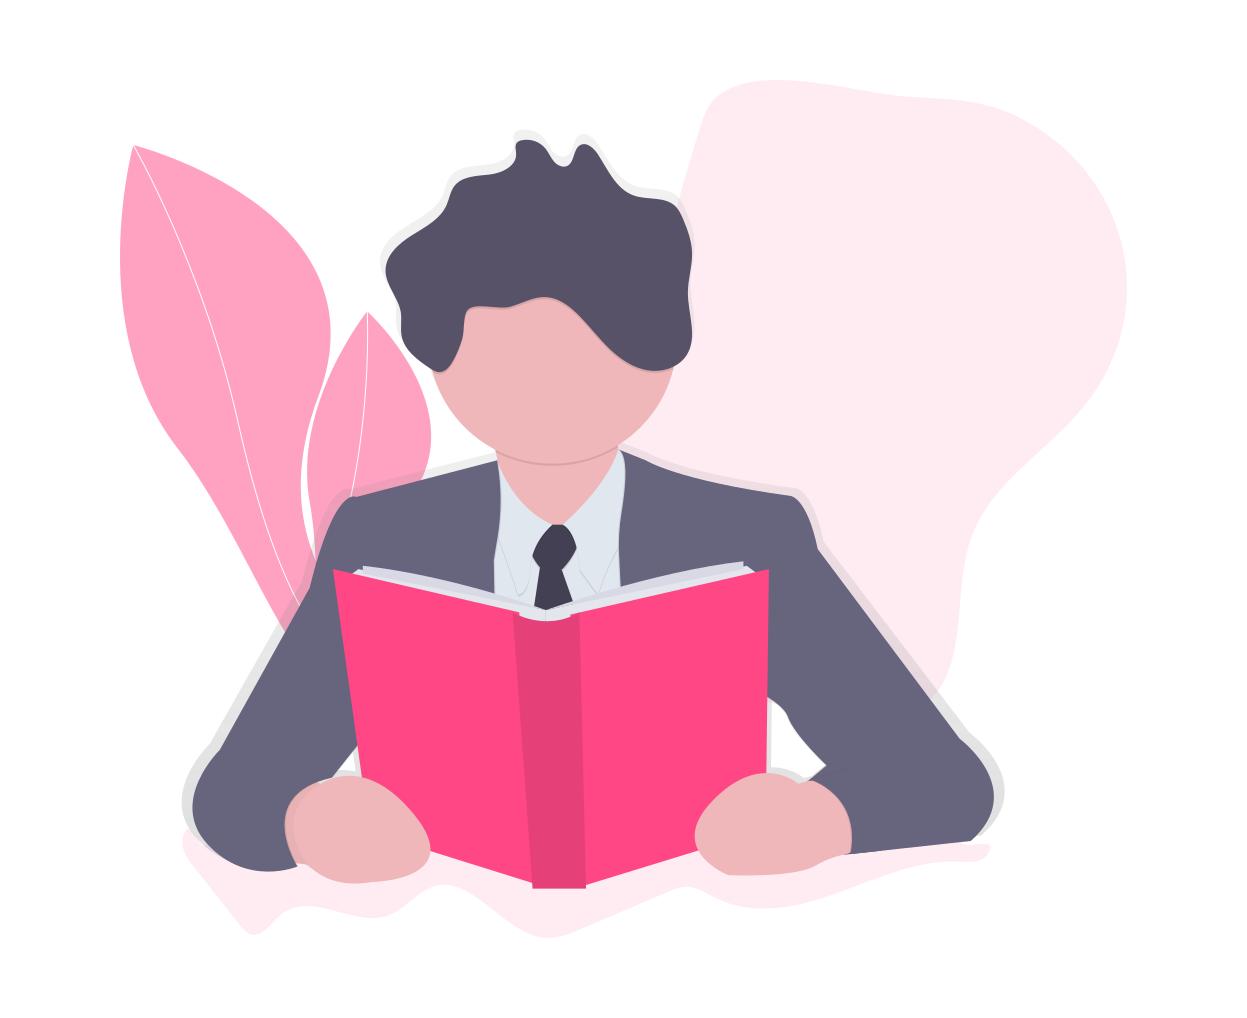 Cadeau pour tous, ce que veulent les femmes, lecture